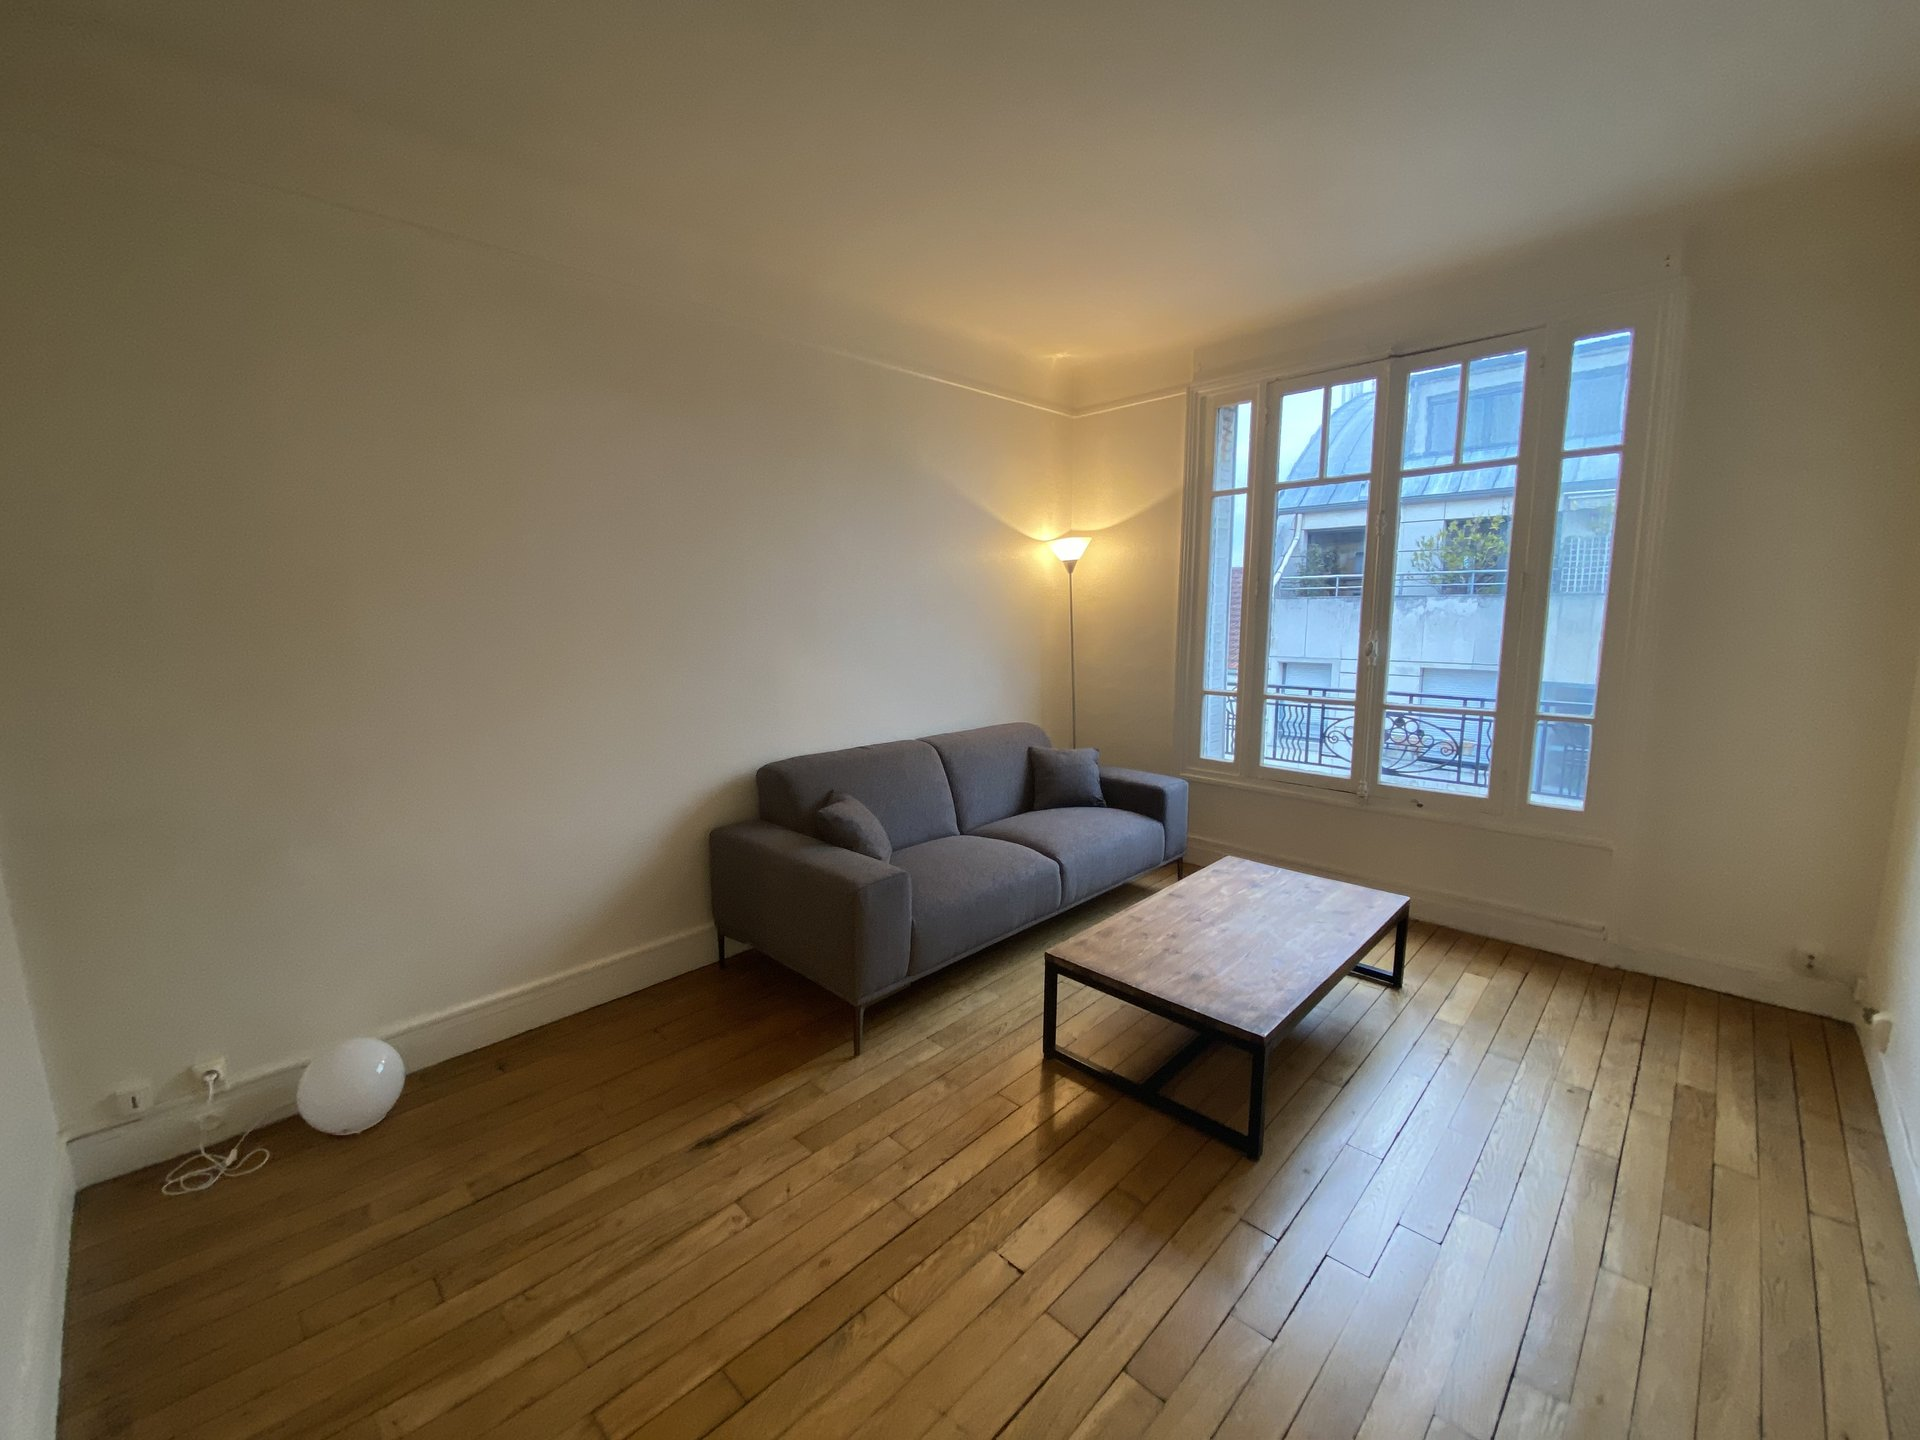 Alquiler Piso - Boulogne-Billancourt Centre-ville